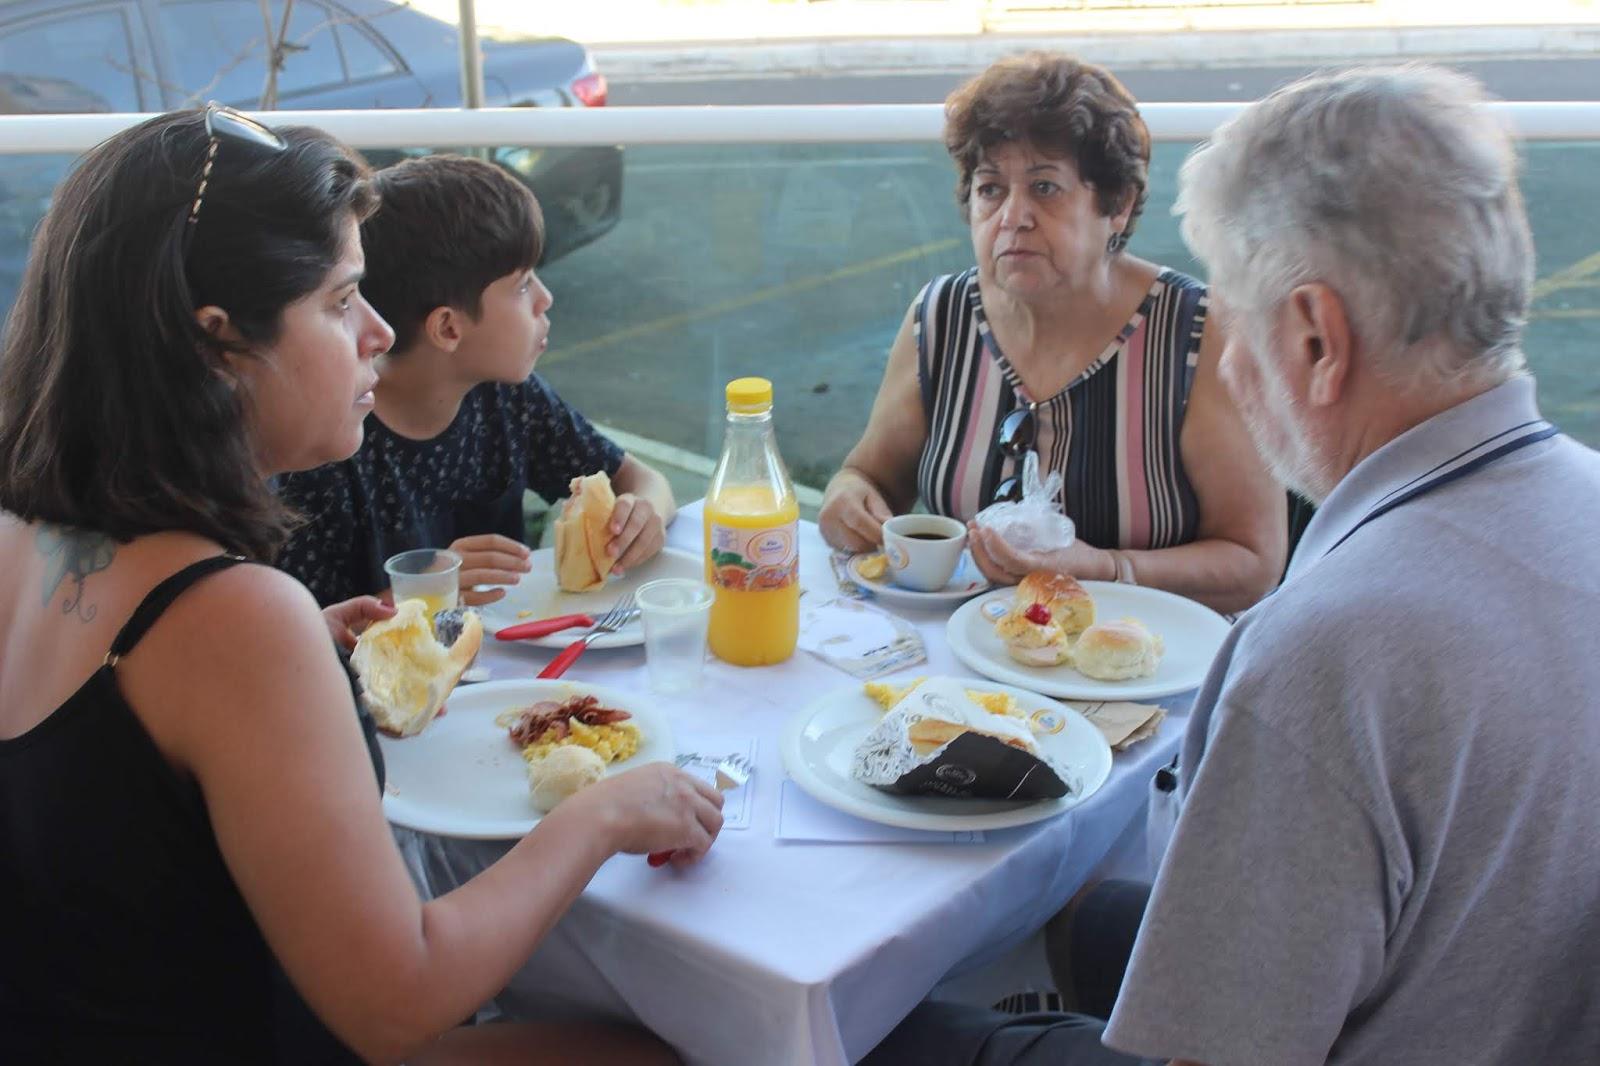 IMG 3646 - Dia 12 de maio dia das Mães no Jardins Mangueiral foi com muta diverção e alegria com um lindo café da manha